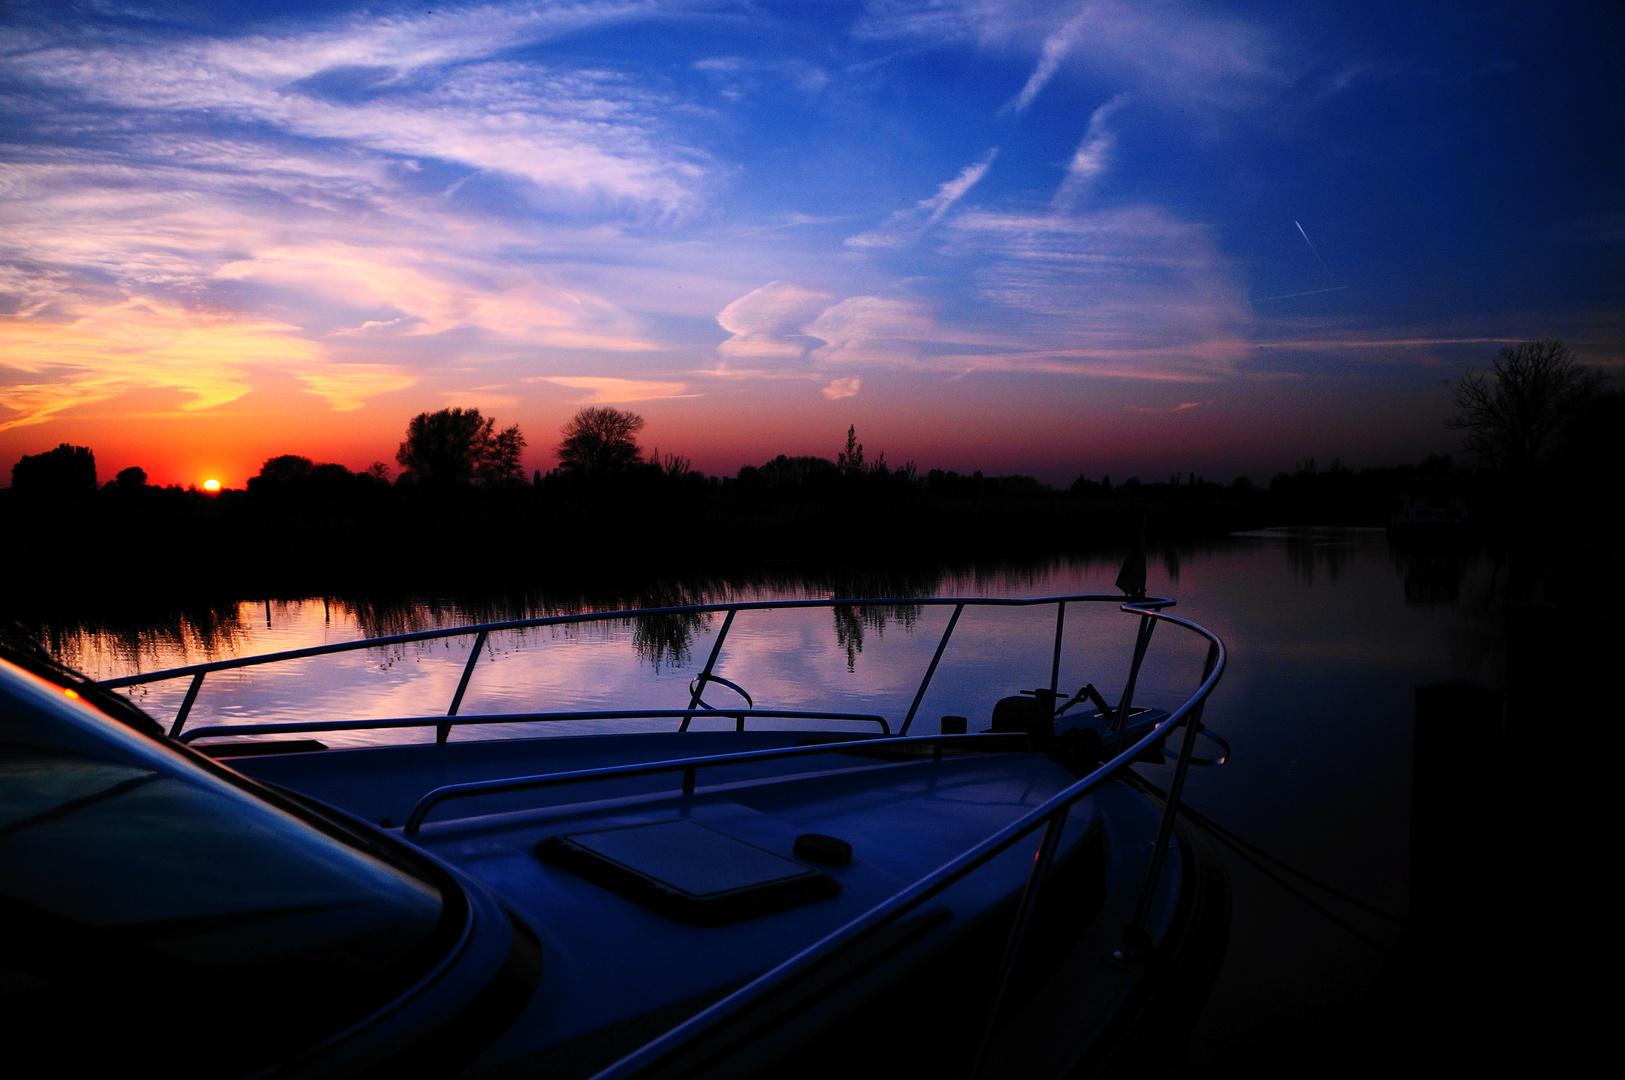 Sonnenuntergang an einem kleinen Hafen